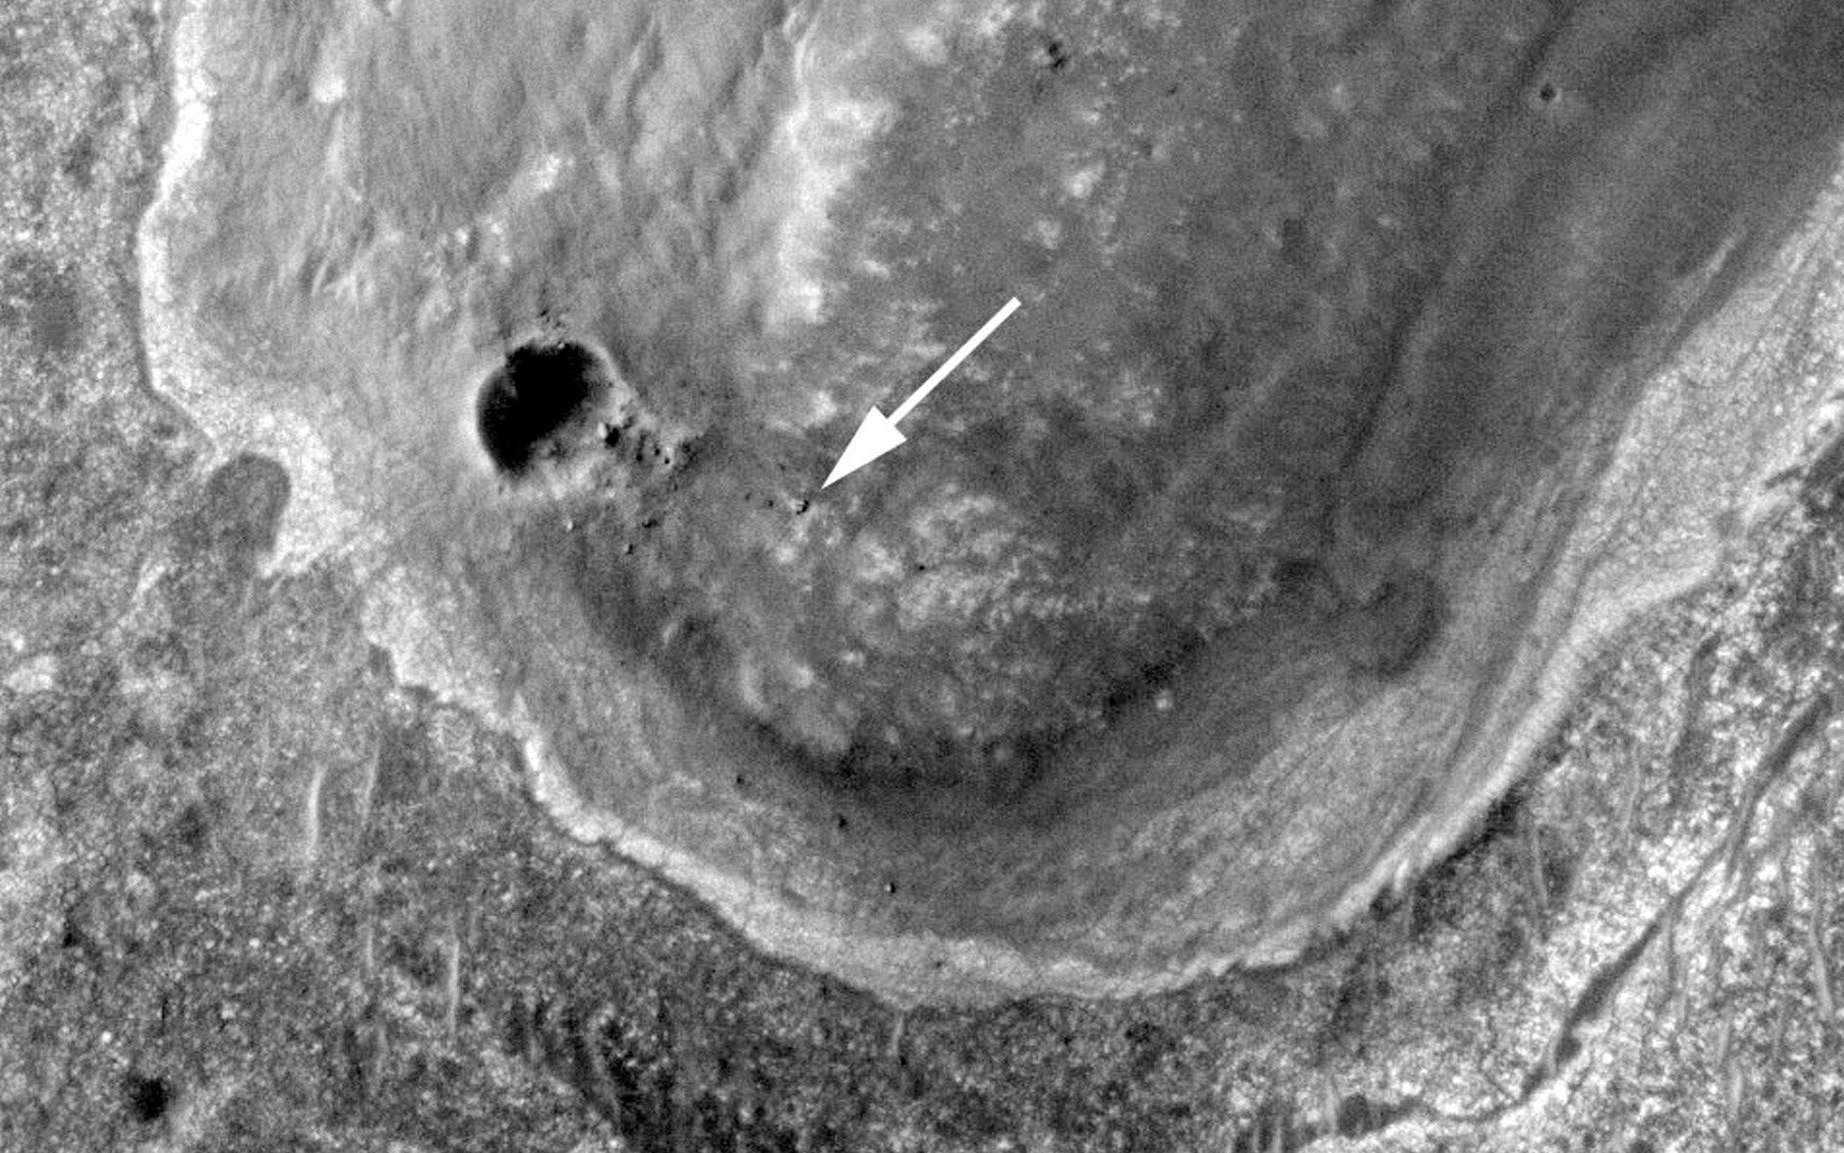 Sur cette image réalisée par l'orbiteur martien MRO, le rover Opportunity indiqué par une flèche se trouve à proximité du petit cratère Odyssey. © Nasa/JPL/University of Arizona